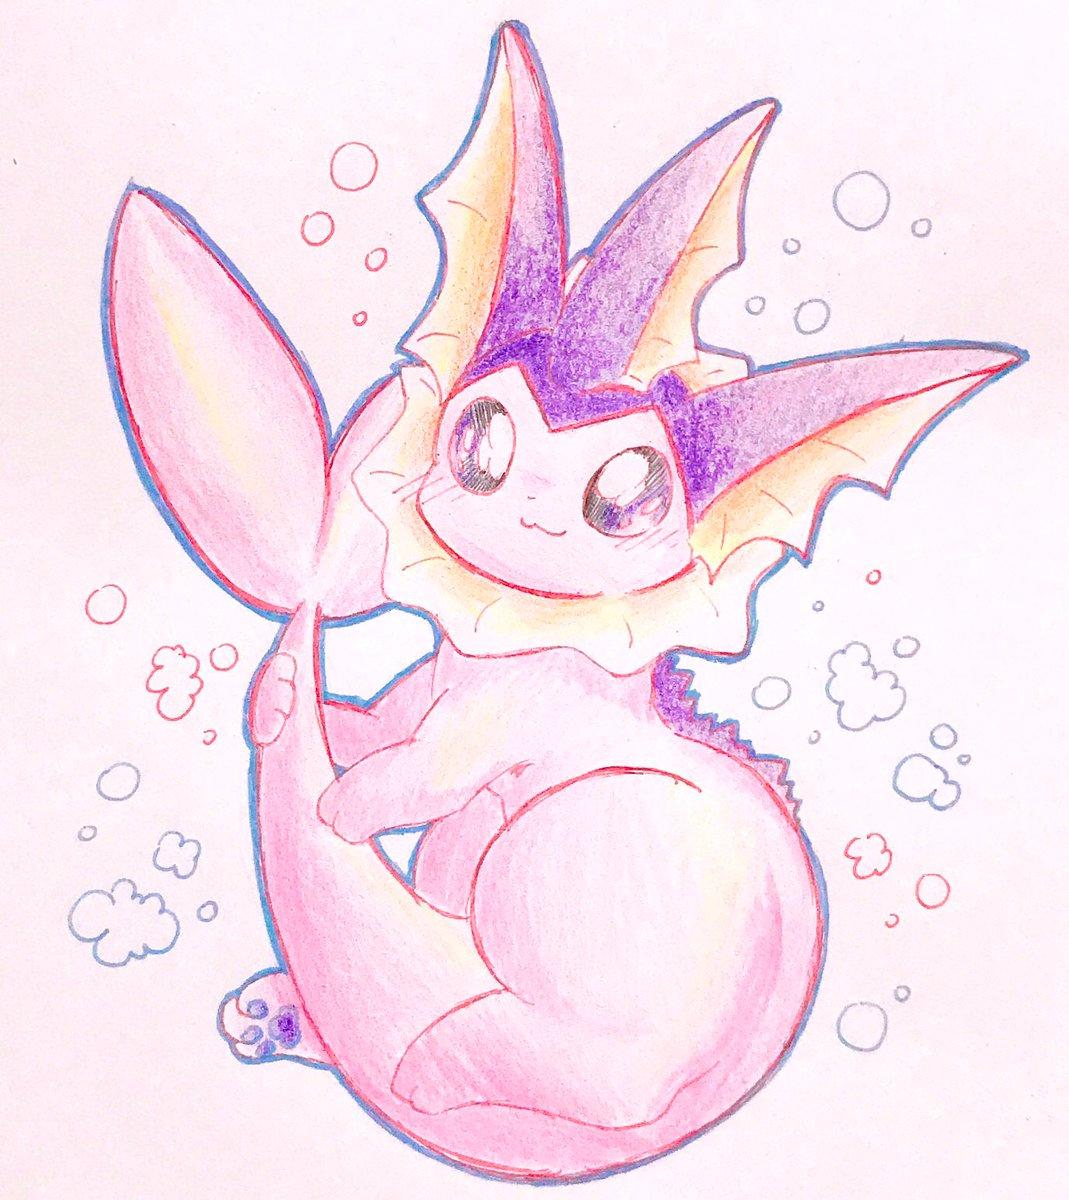 色違いシャワーズちゃん初めてですが描いてみました✨紫で綺麗( *¯ ꒳¯*)♡  #ポケモン  #シャワーズ